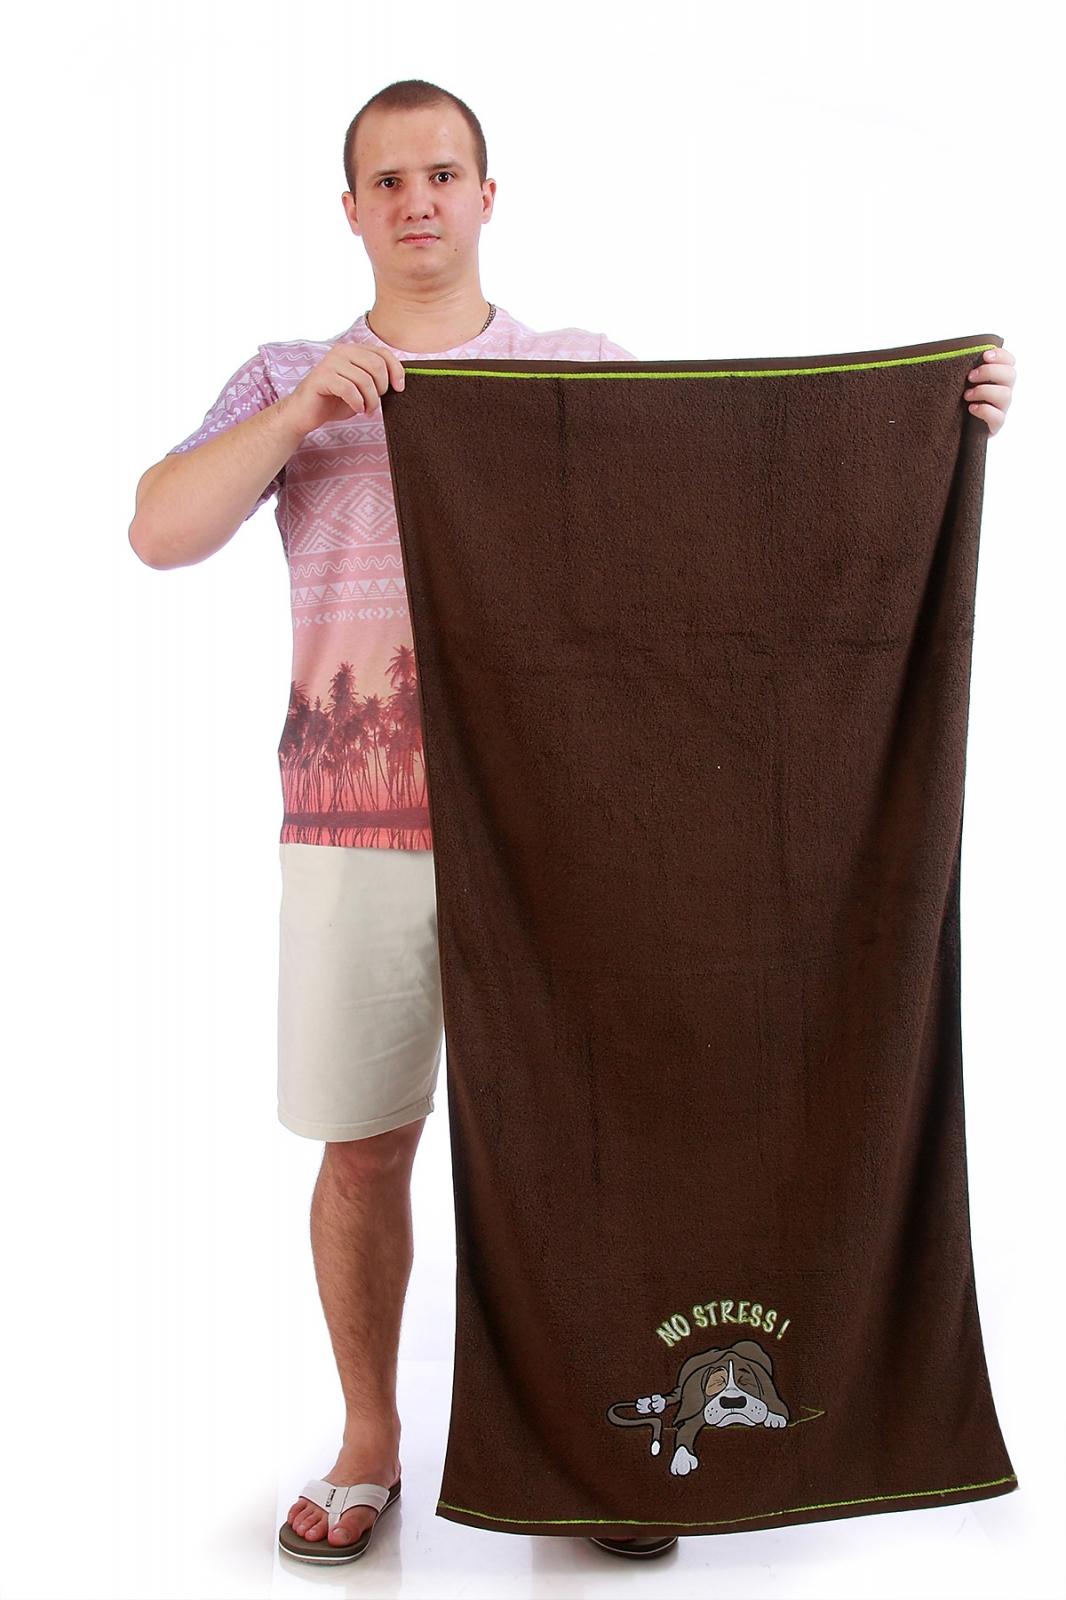 Махровое полотенце с вышитой собачкой - купить в интернет-магазине